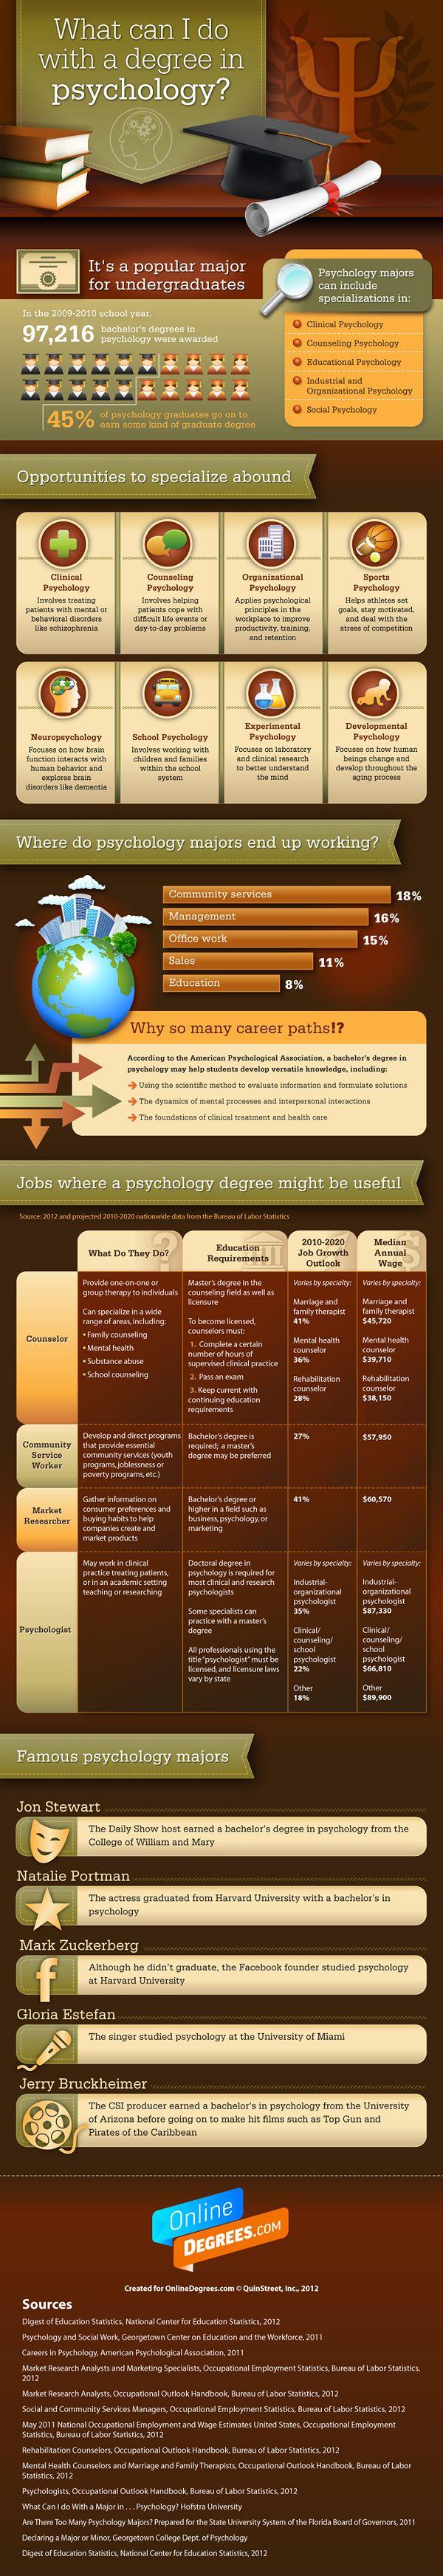 Psychology : ¿Qué puestos de trabajo puede desarrollar un Piscólogo? #infografia #infographic #education